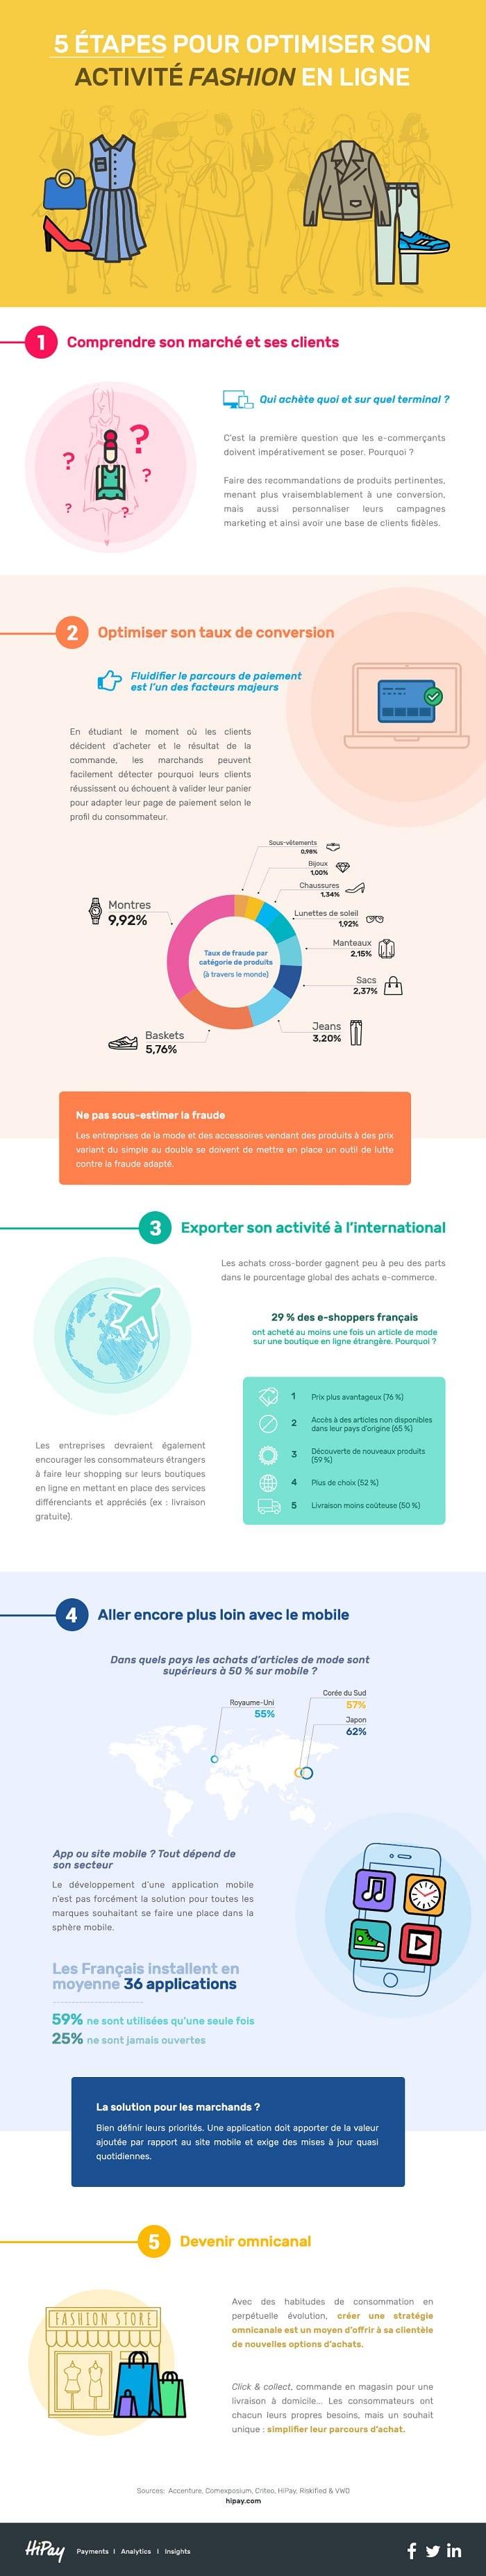 Infographie HiPay : comment optimiser son activité fashion en ligne ?